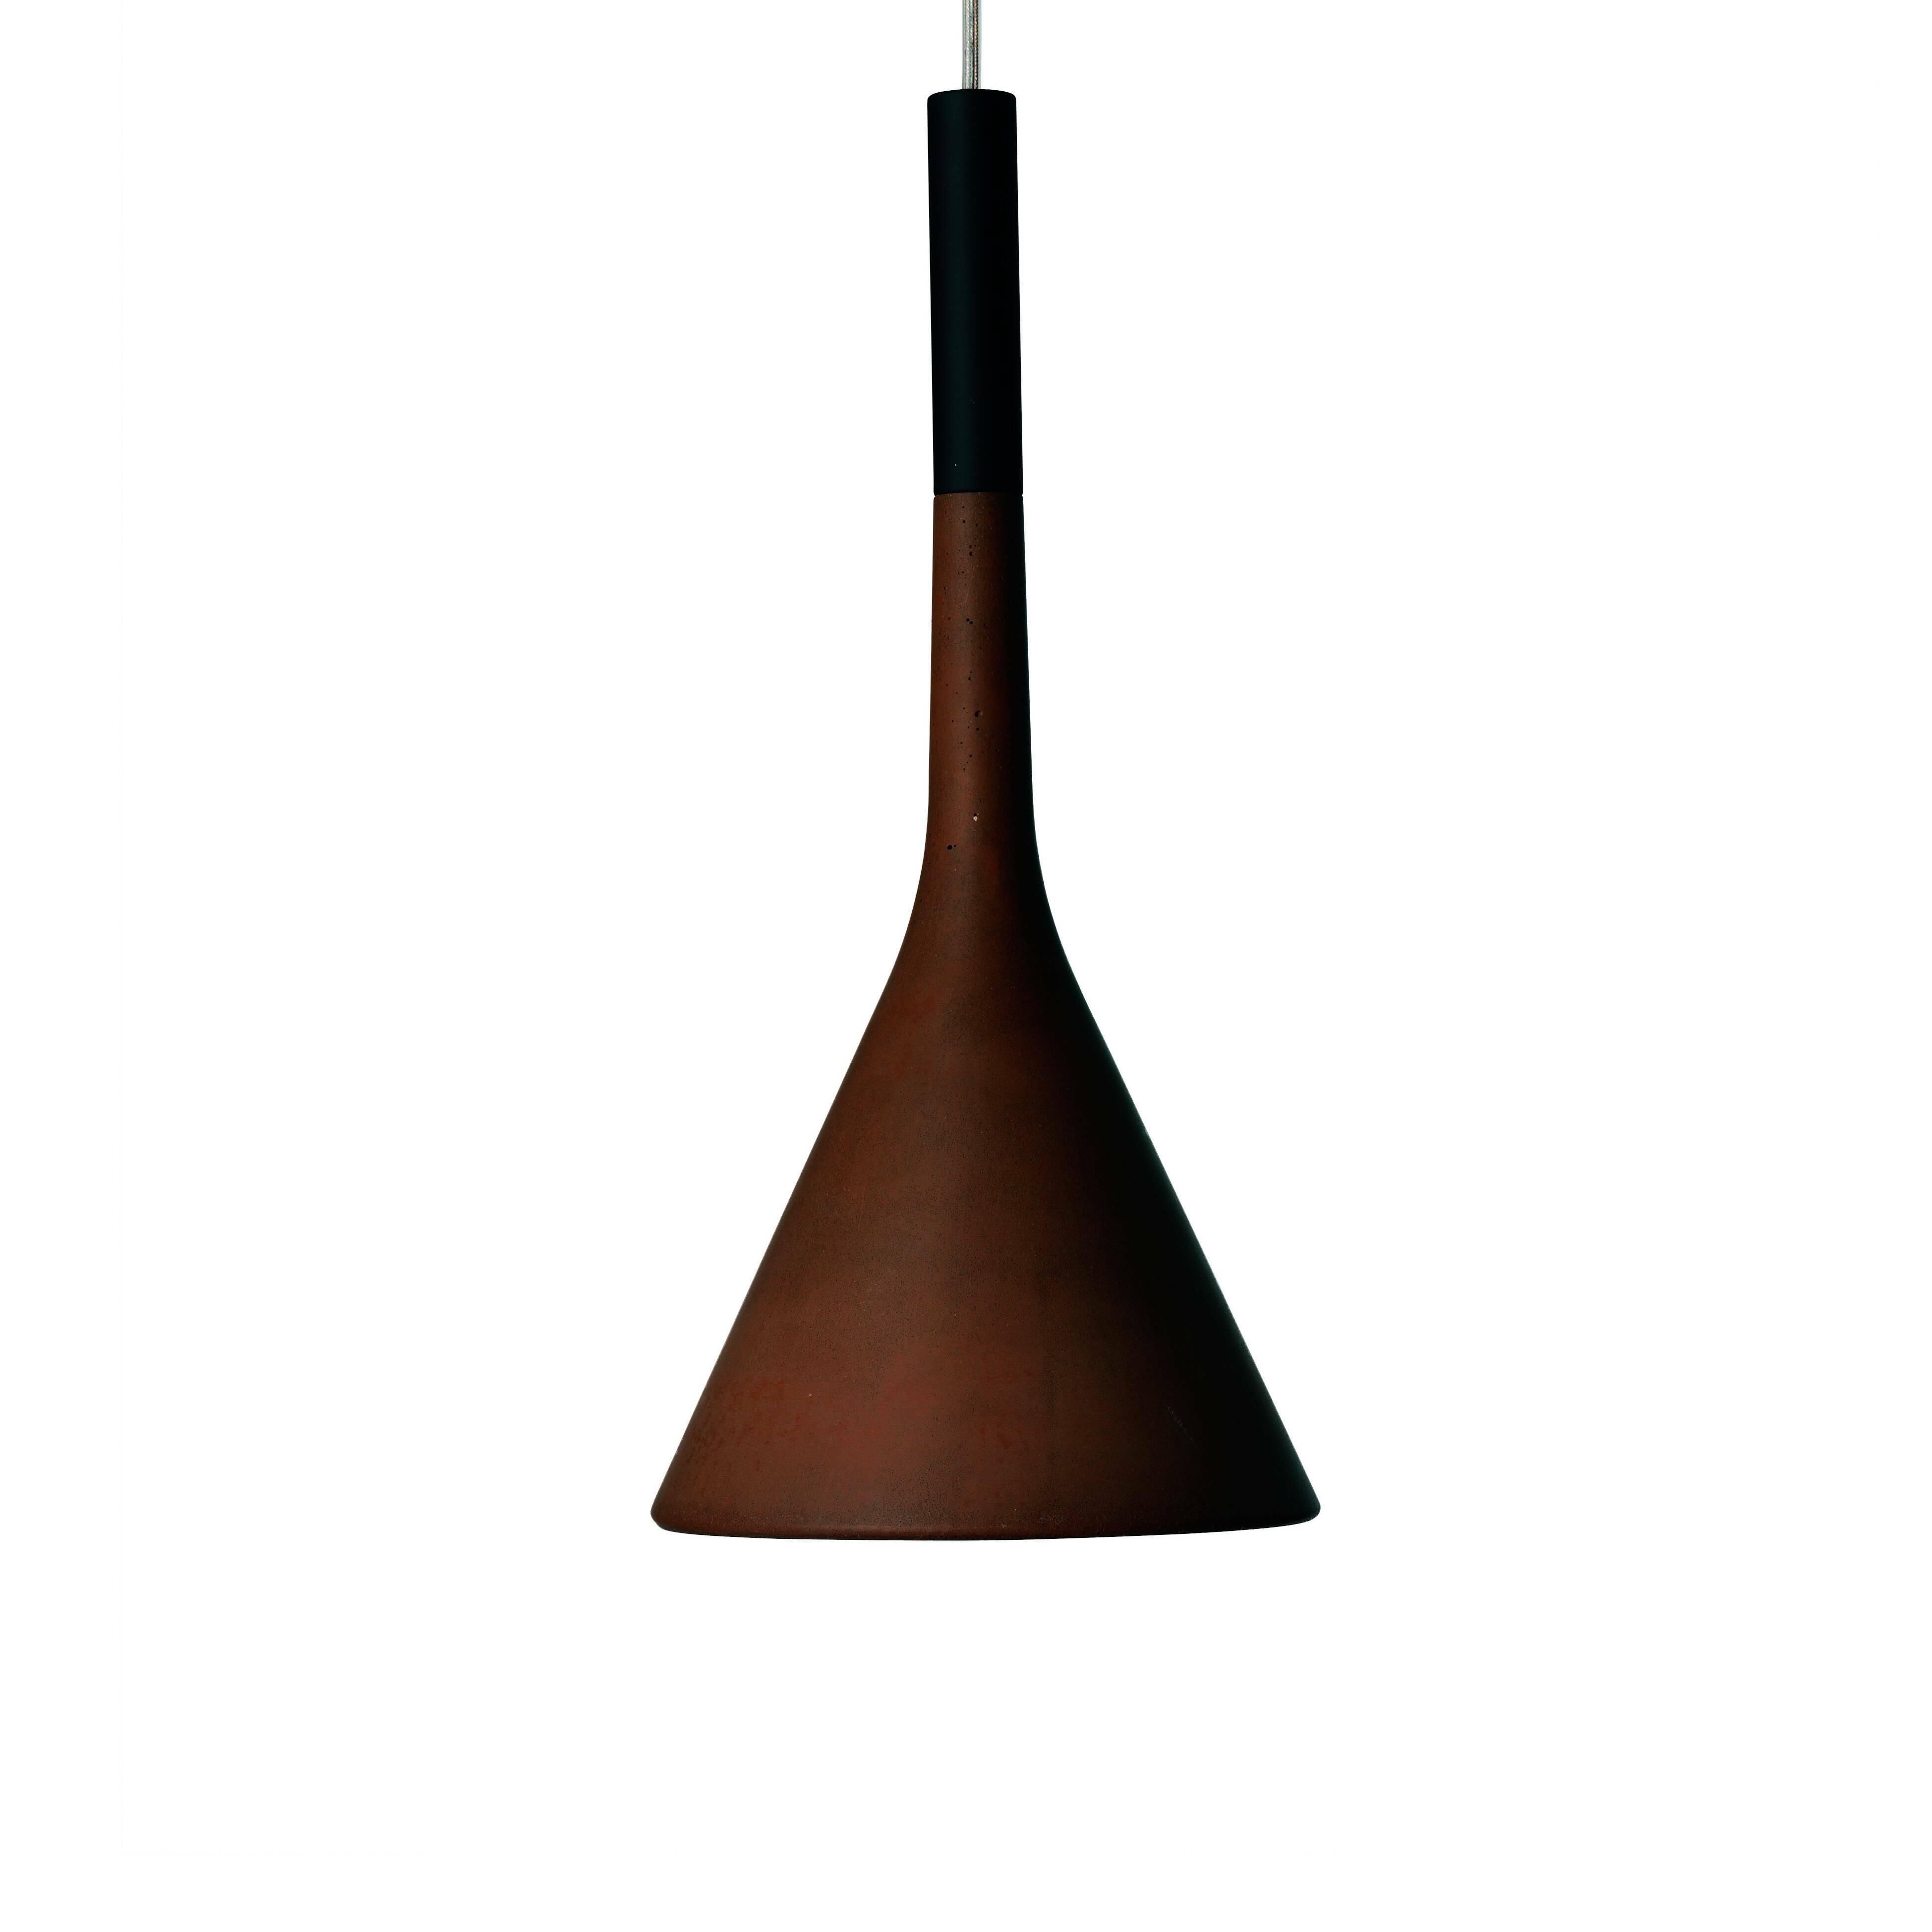 Подвесной светильник AplombПодвесные<br>Подвесной светильник Aplomb от итальянского бренда Foscarini создает прямое, точное освещение, что делает его небольшим, но важным героем в любом помещении. Видимые вкрапления на глиняном плафоне являются выражением современной архитектуры и делают каждый светильник уникальным.<br> Абажур, выполненный из бетона - это выразительный язык современной архитектуры. Своим светильников, компания Foscarini попыталась объявить всему миру о своих взглядах на этот материал. Бетон имеет все шансы стать час...<br><br>stock: 1<br>Высота: 180<br>Диаметр: 16,5<br>Количество ламп: 1<br>Материал абажура: Керамика<br>Мощность лампы: 3<br>Ламп в комплекте: Нет<br>Напряжение: 220<br>Тип лампы/цоколь: LED<br>Цвет абажура: Красный